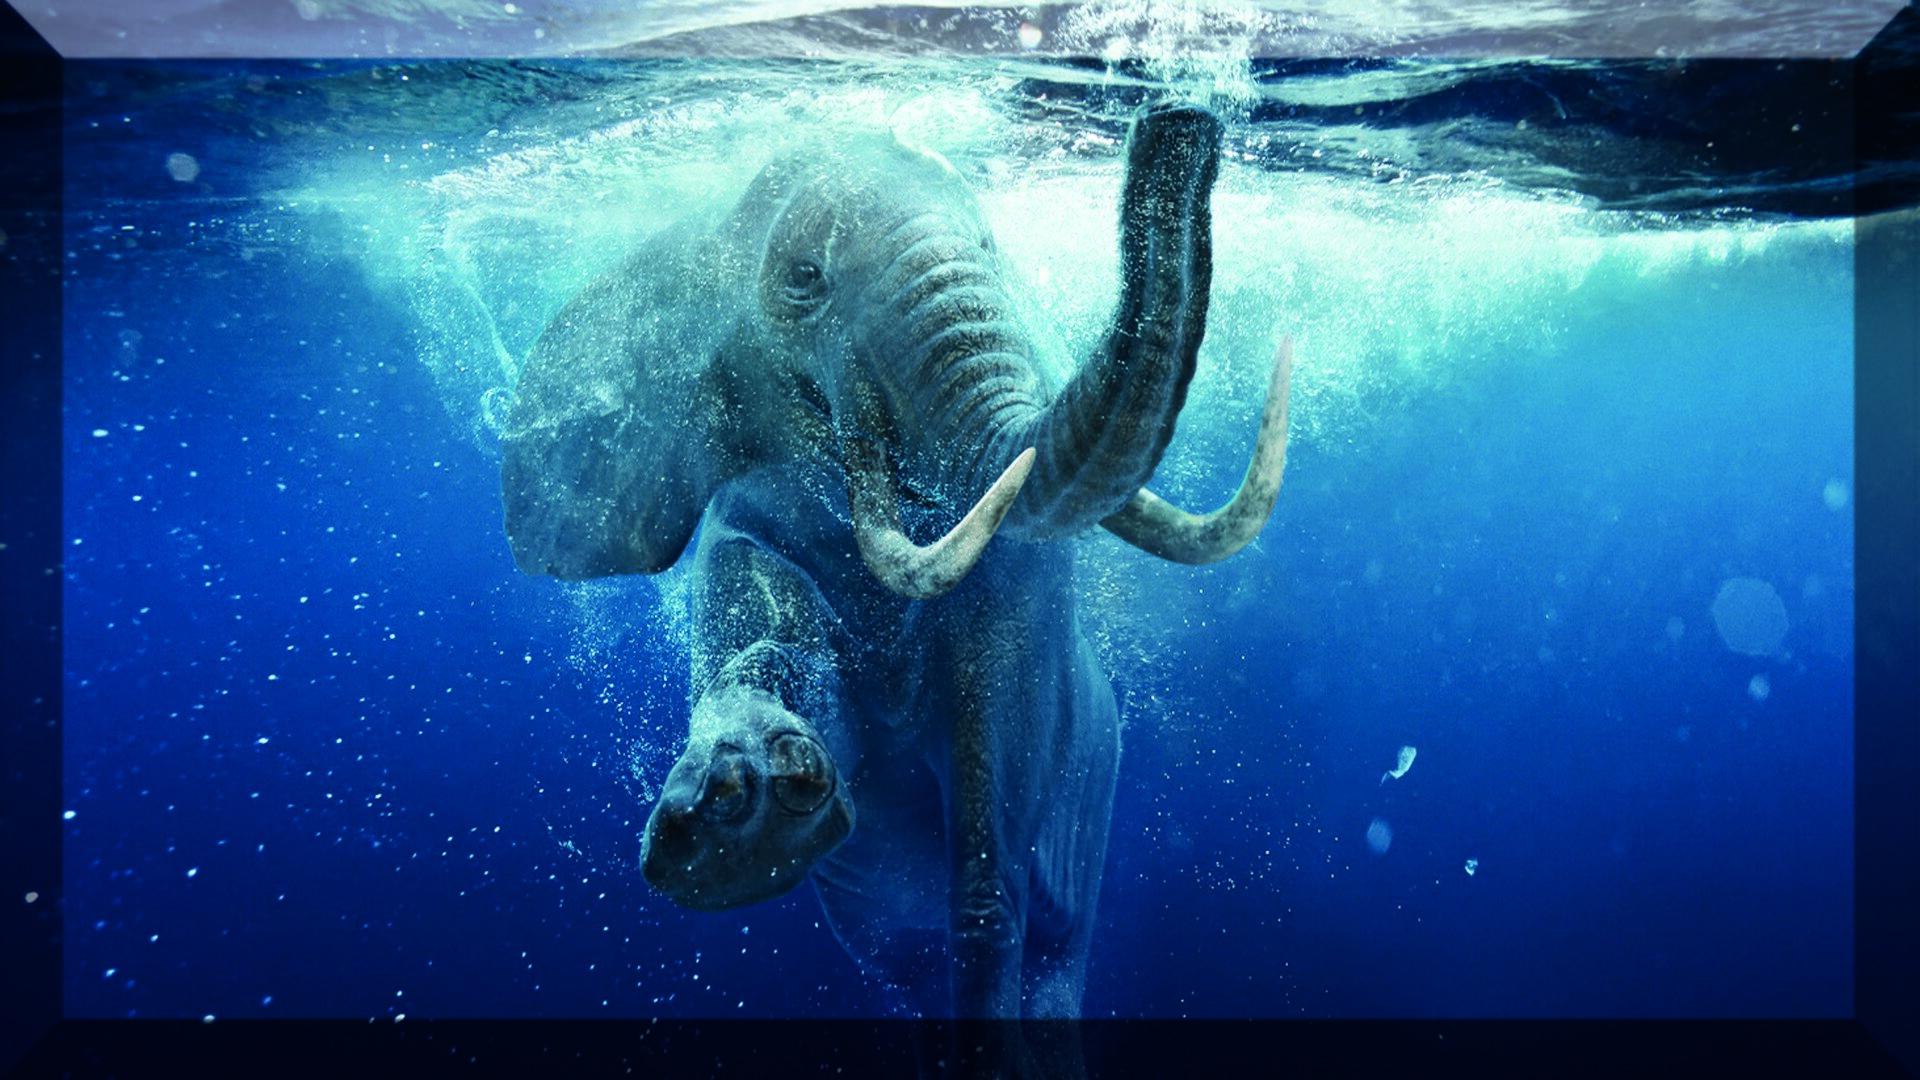 Zdjęcie przedstawia słonia całkowicie zanurzonego wciemnoniebieskiej wodzie. Fotografia uchwyciła zwierzę wruchu, jakby pływało pod wodą.